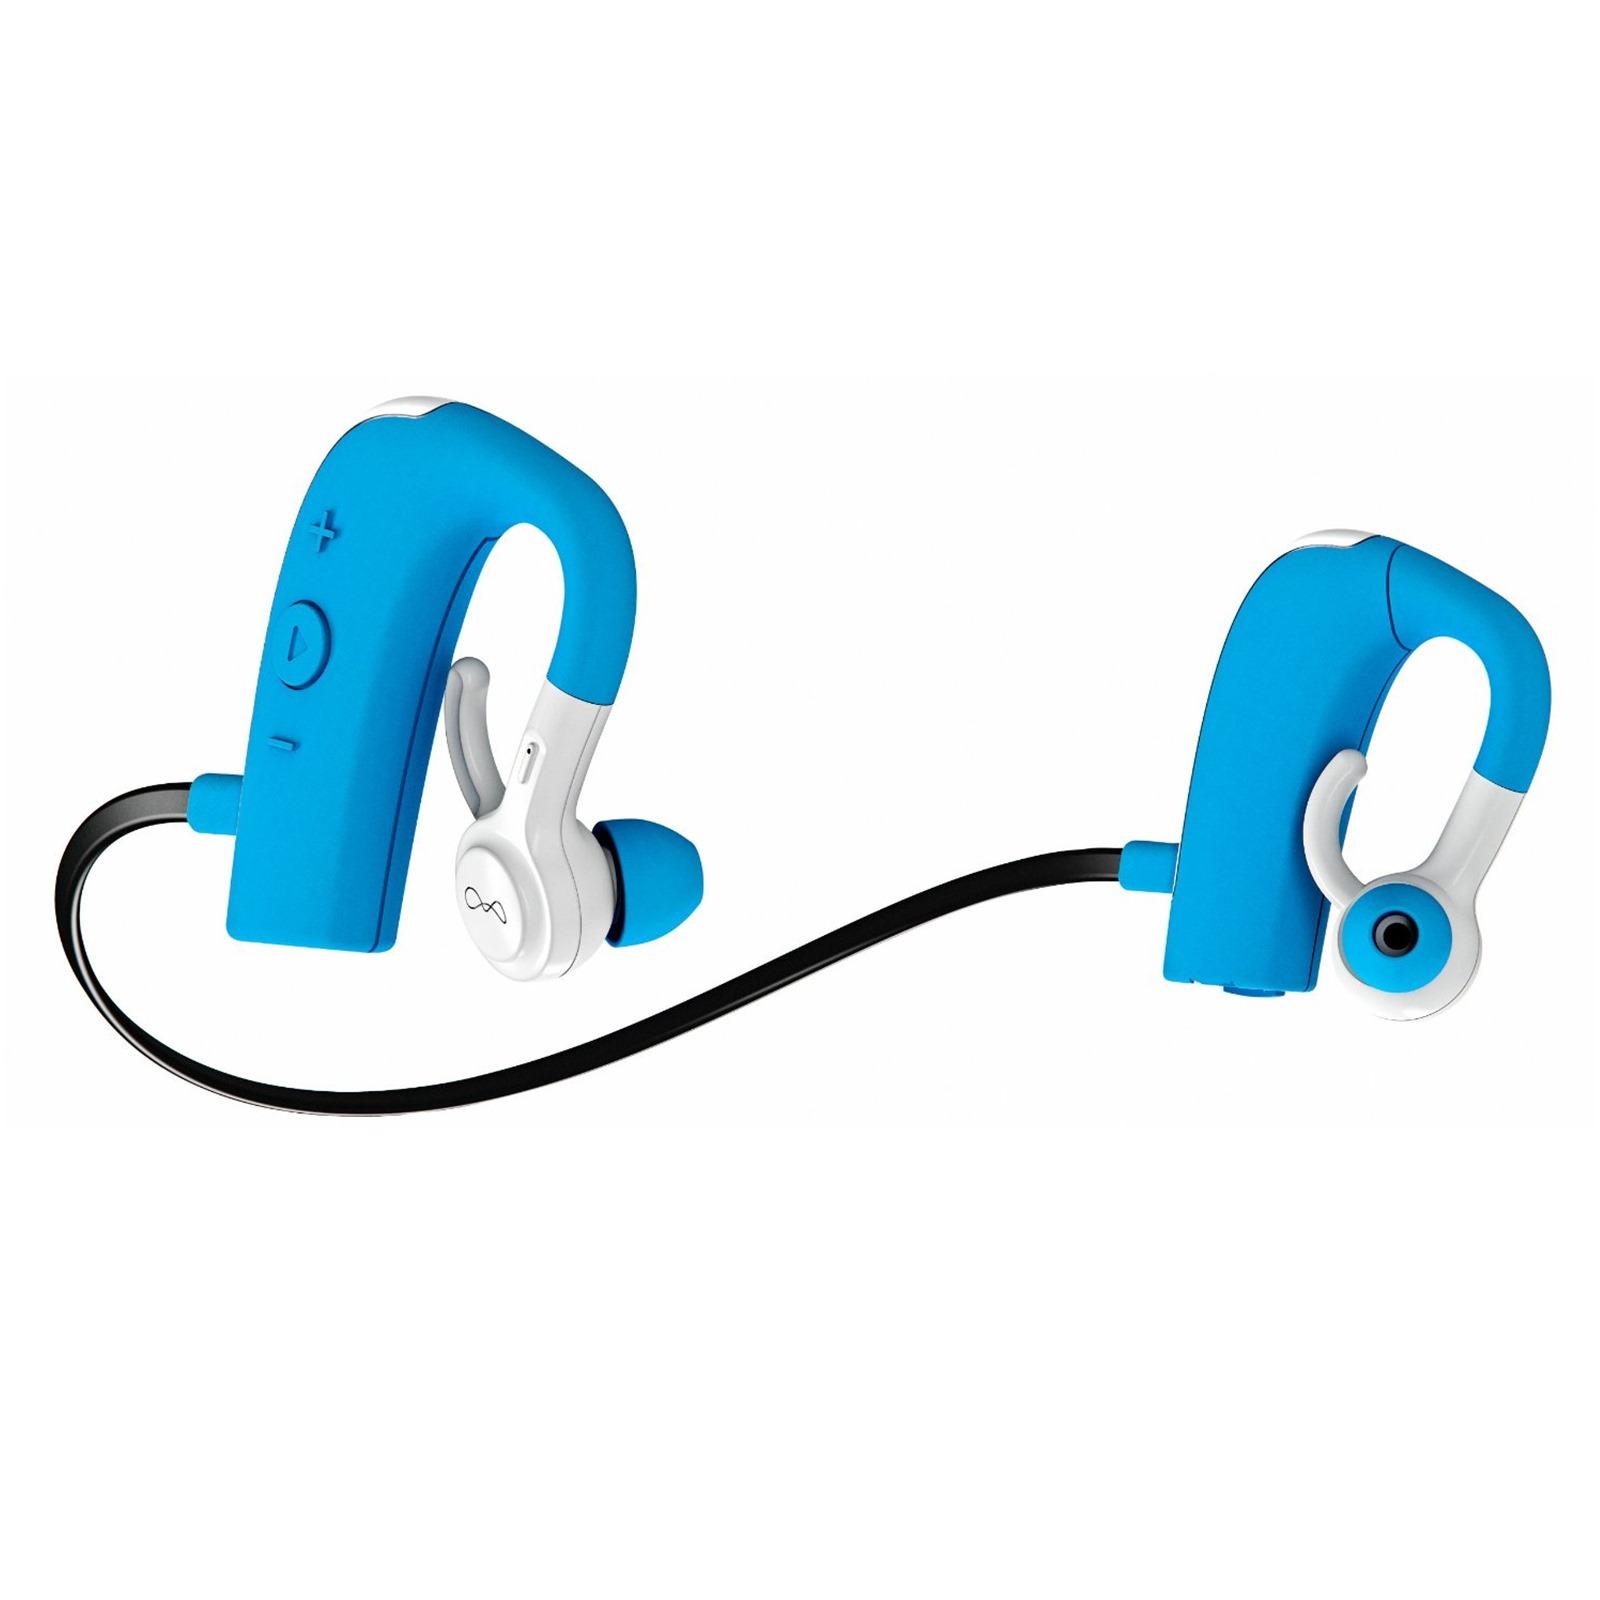 BlueAnt Pump HD Bluetooth Waterproof In-Ear Earhook Sport Headphones